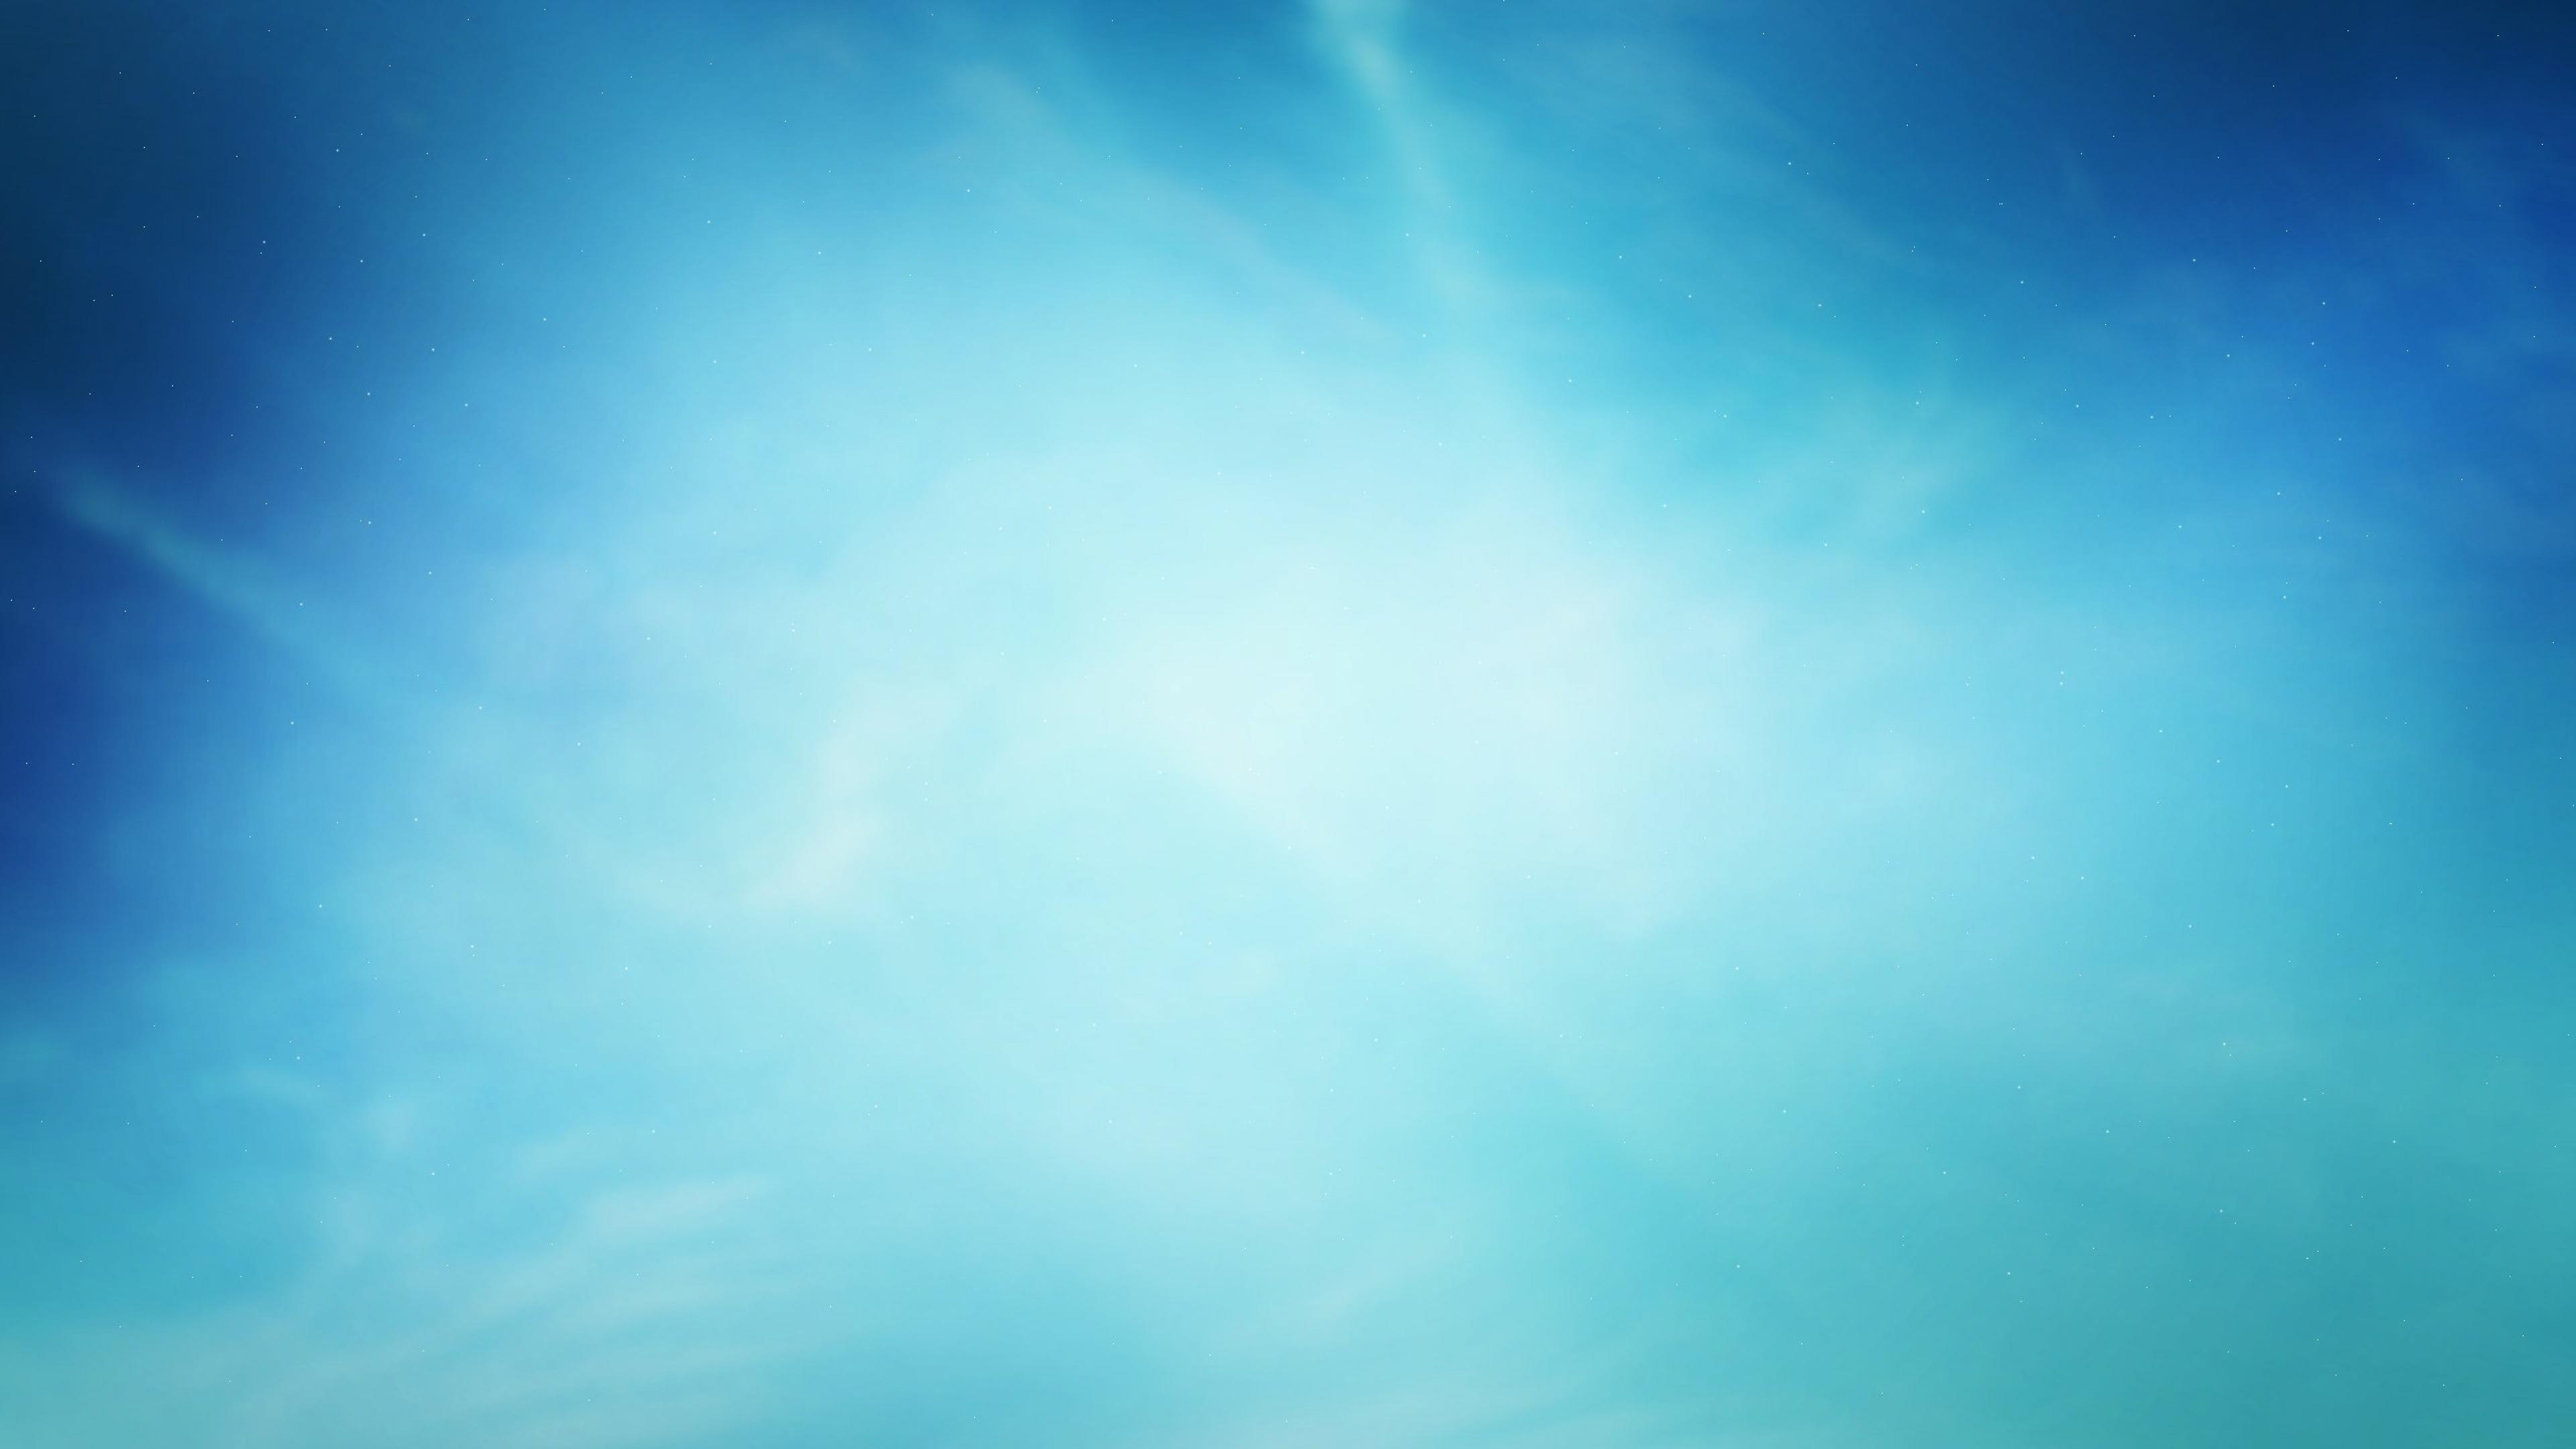 Синее небо в хорошем качестве